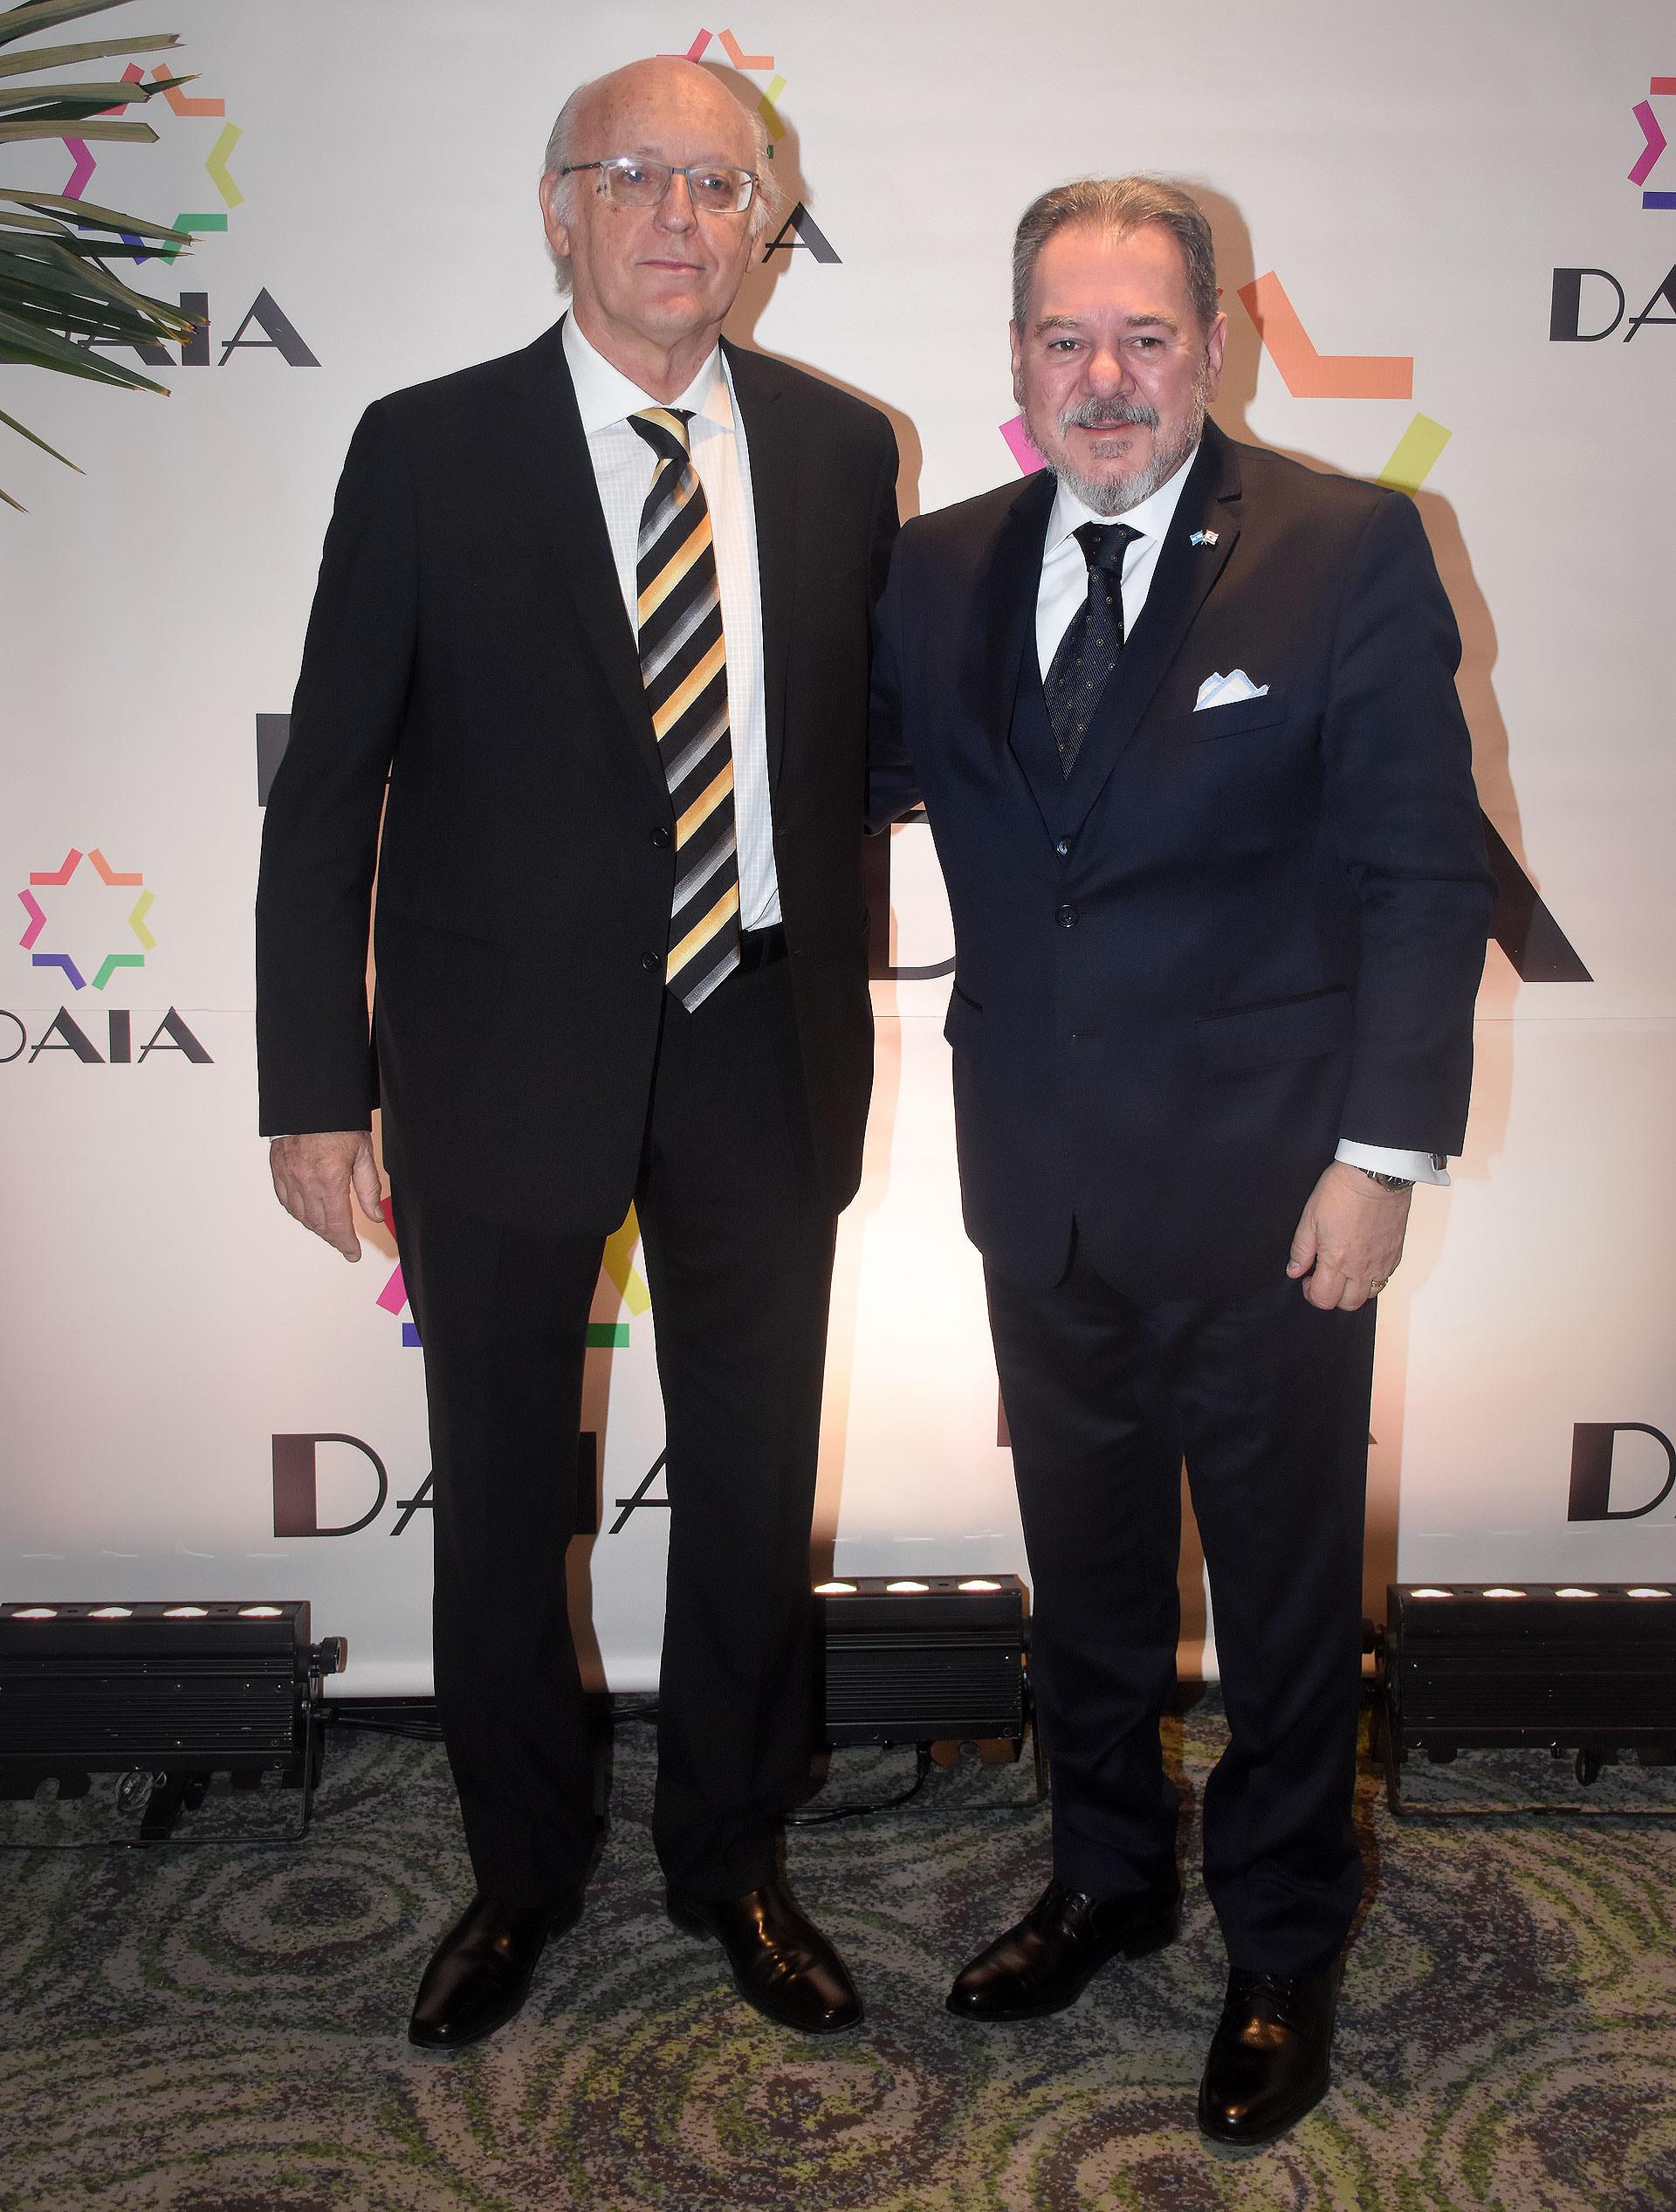 Alberto Indij junto a Mario Montoto, presidente de la Cámara de Comercio Argentino Israelí